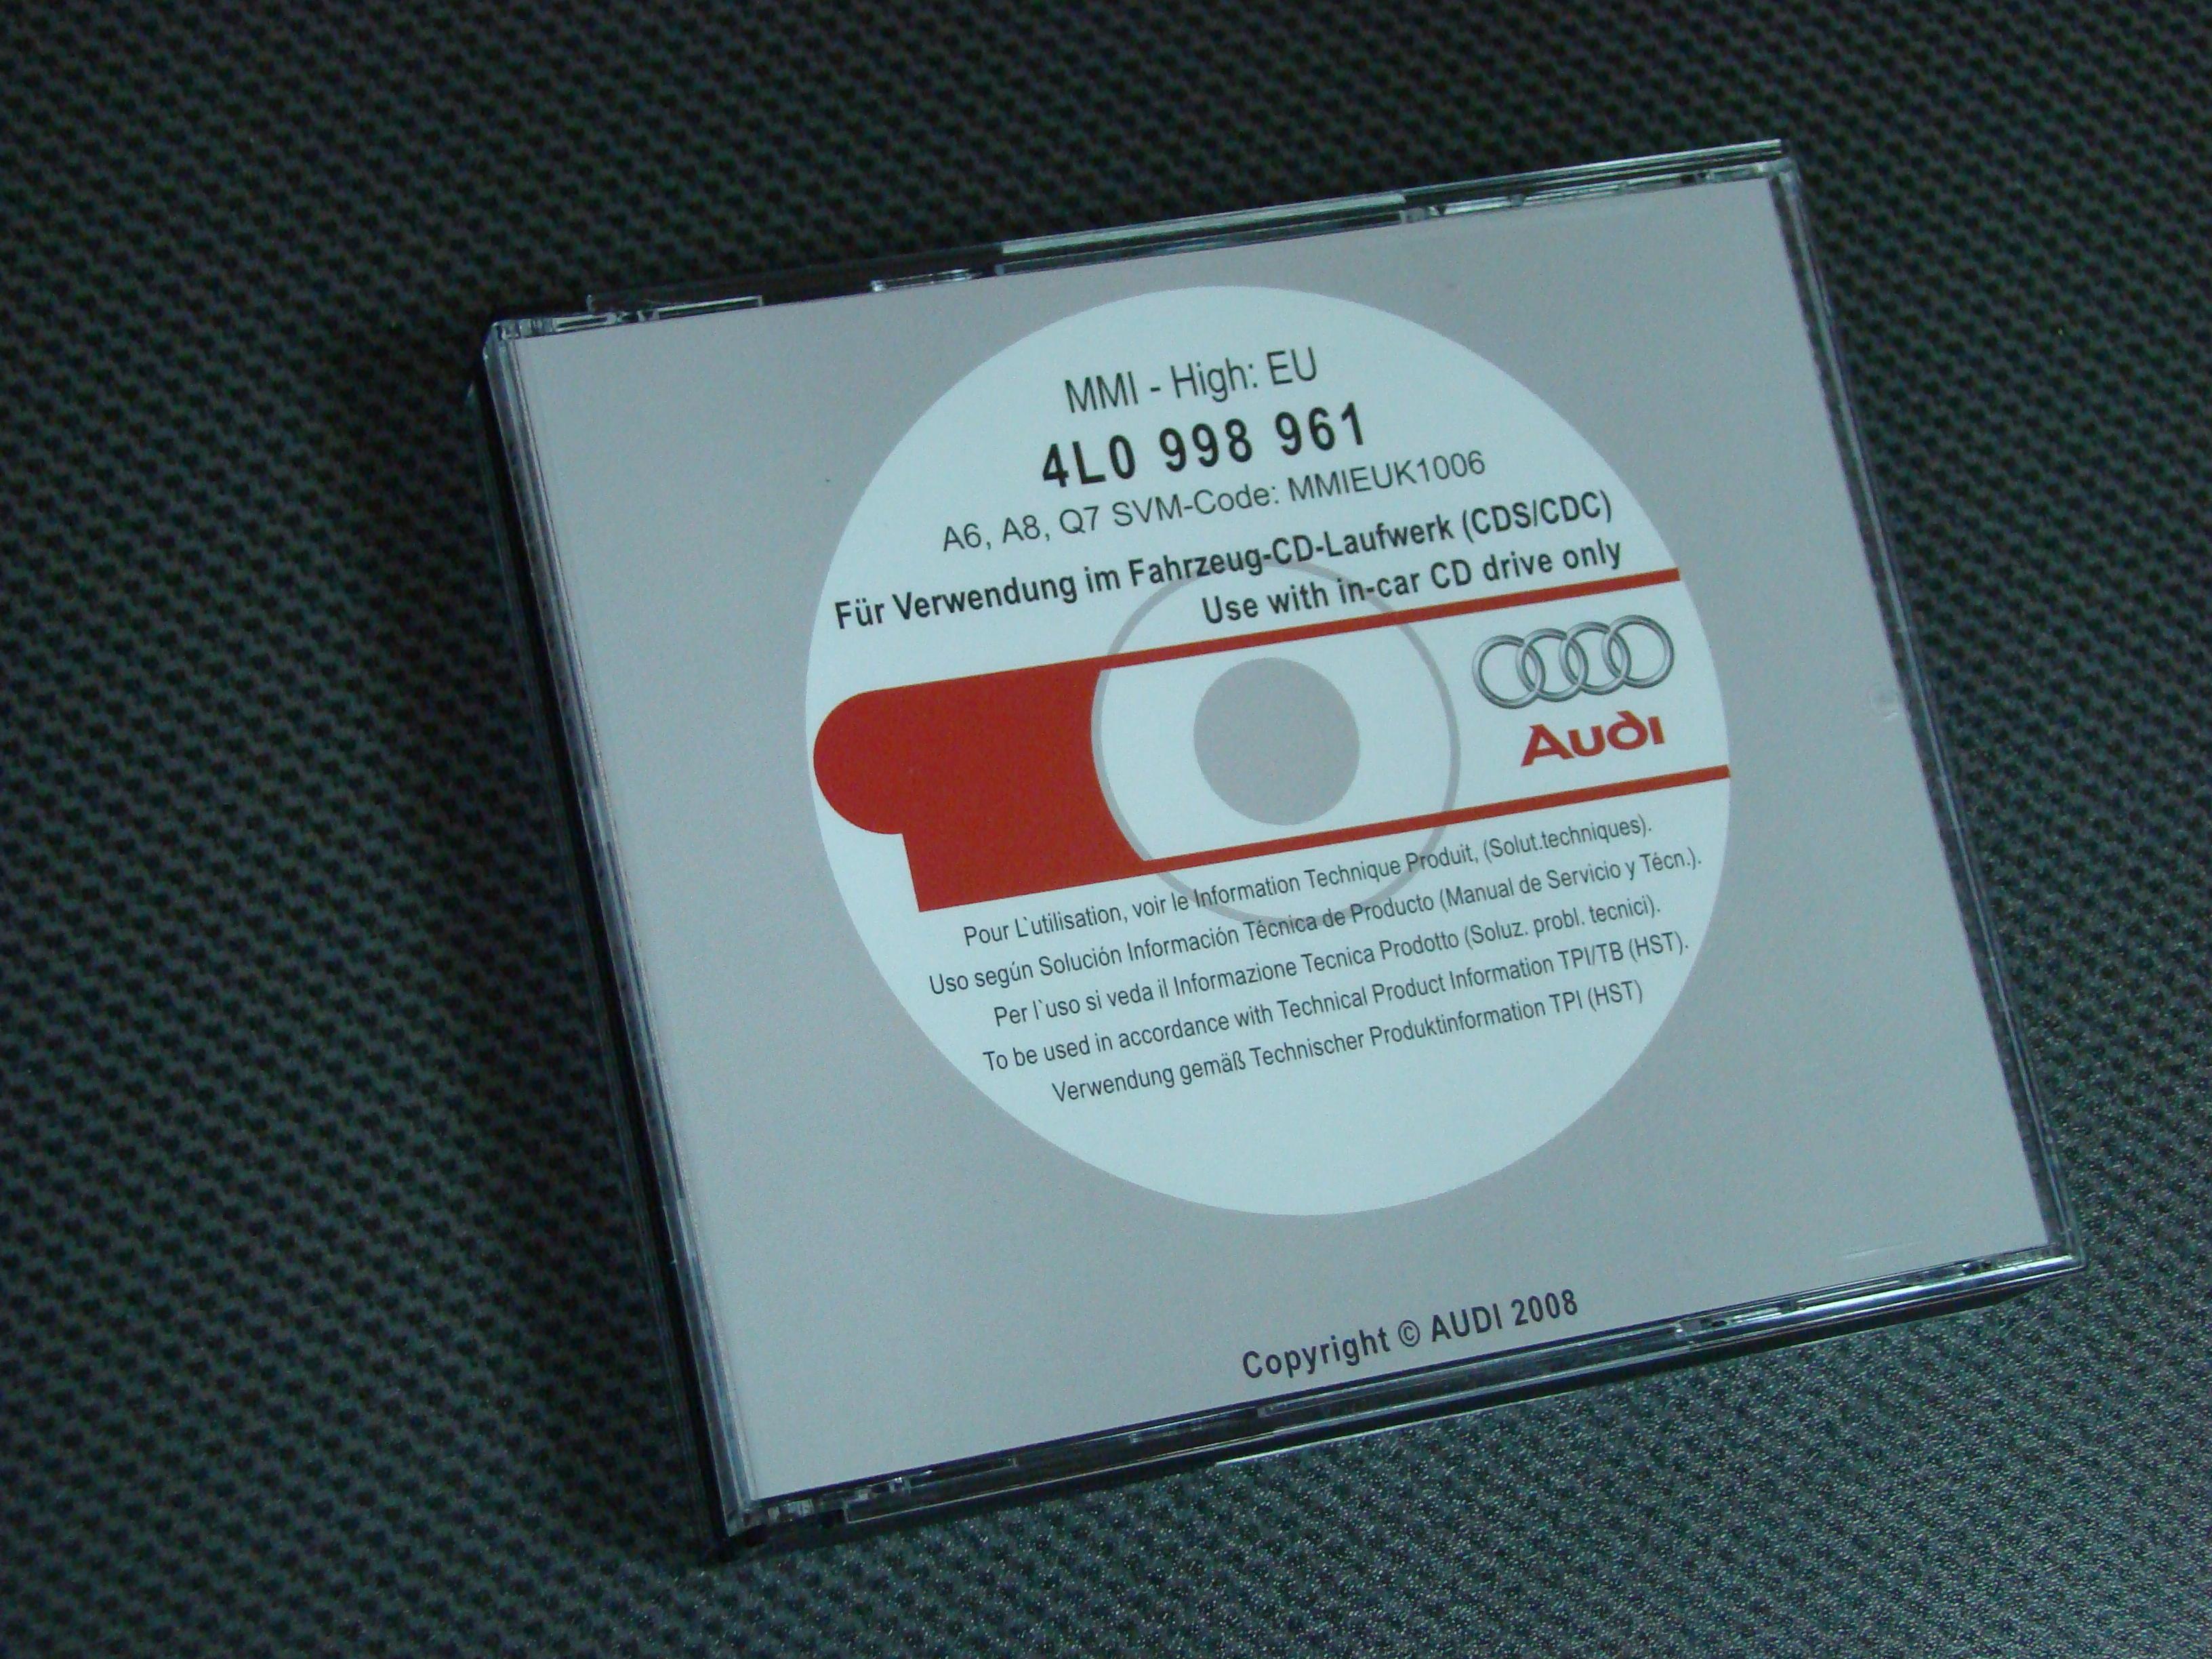 File:Mmi update 5570 cd set jpg - Wikimedia Commons